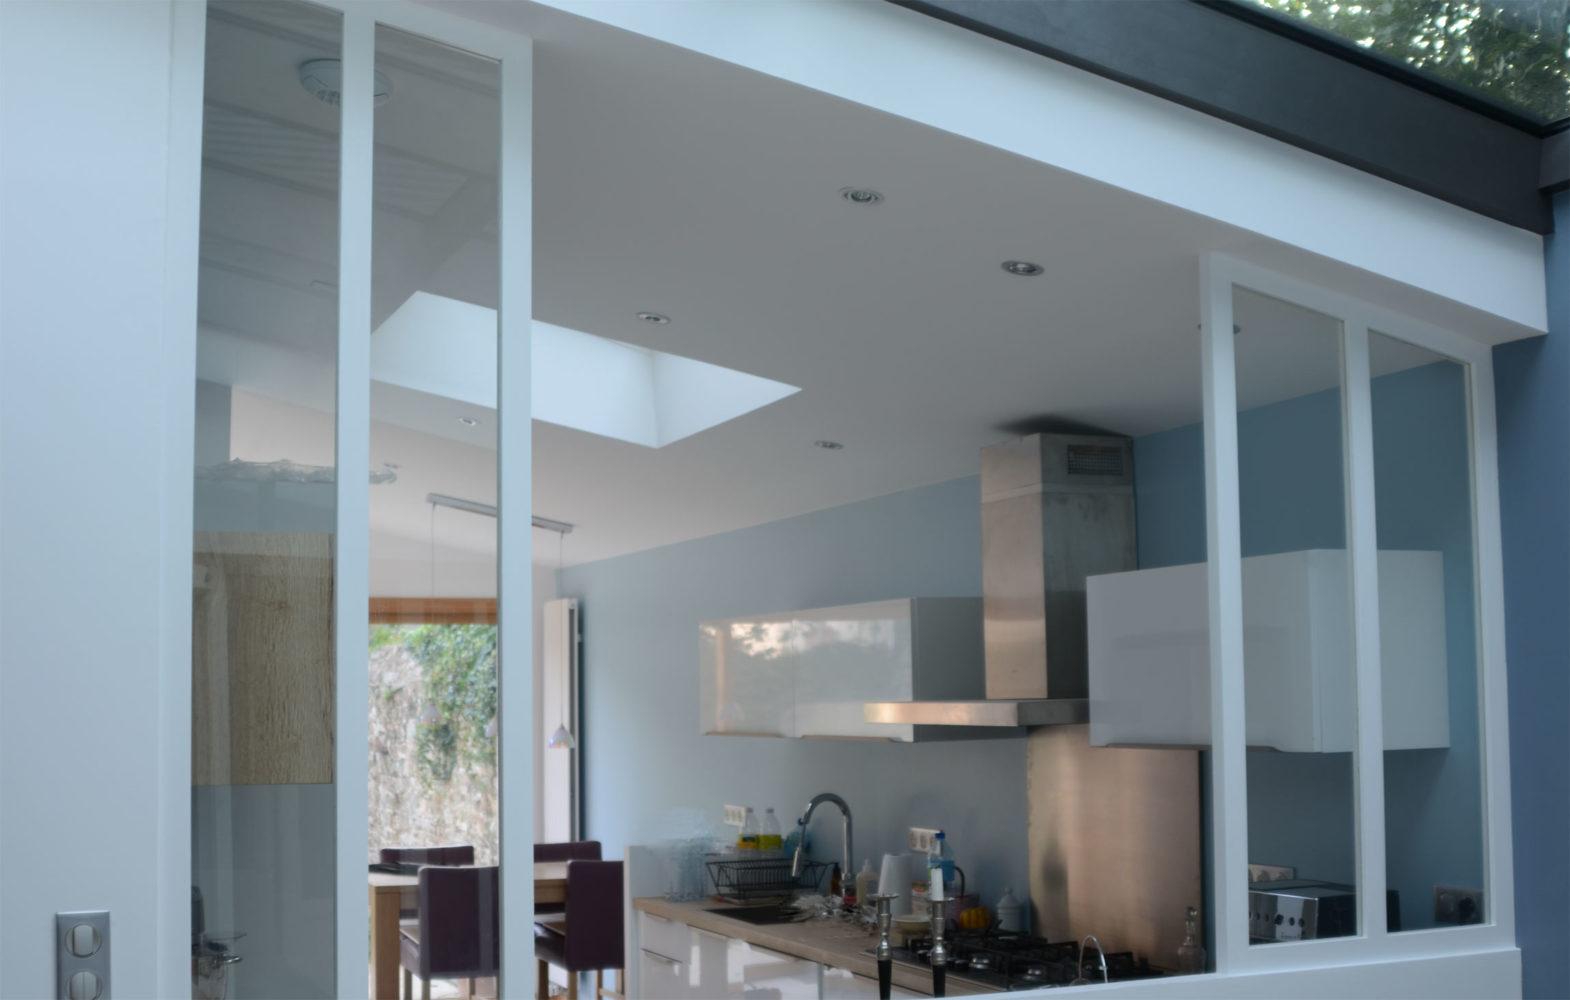 Rénovation-Vannes-Gwénael-LE-PORT-architecte-4-intérieur